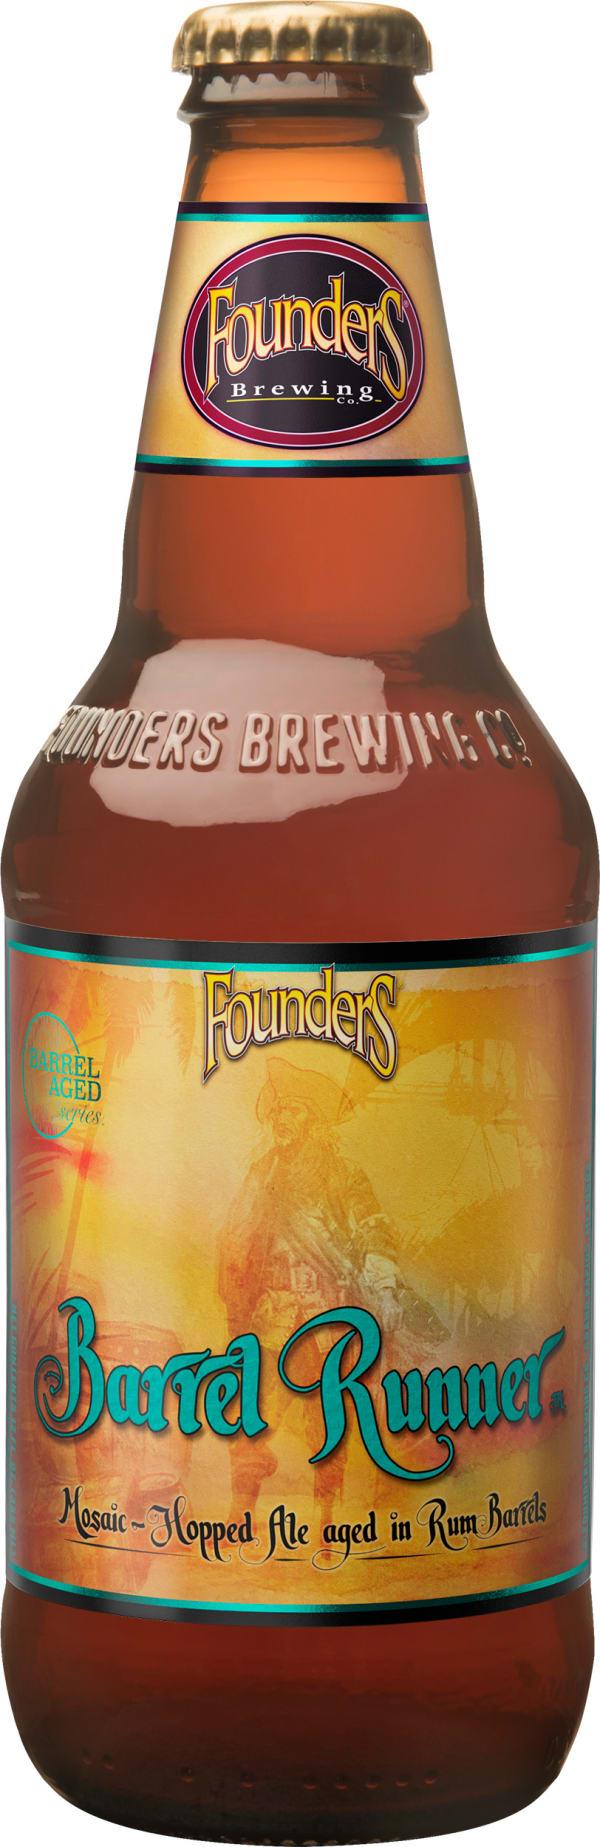 Founders Barrel Runner